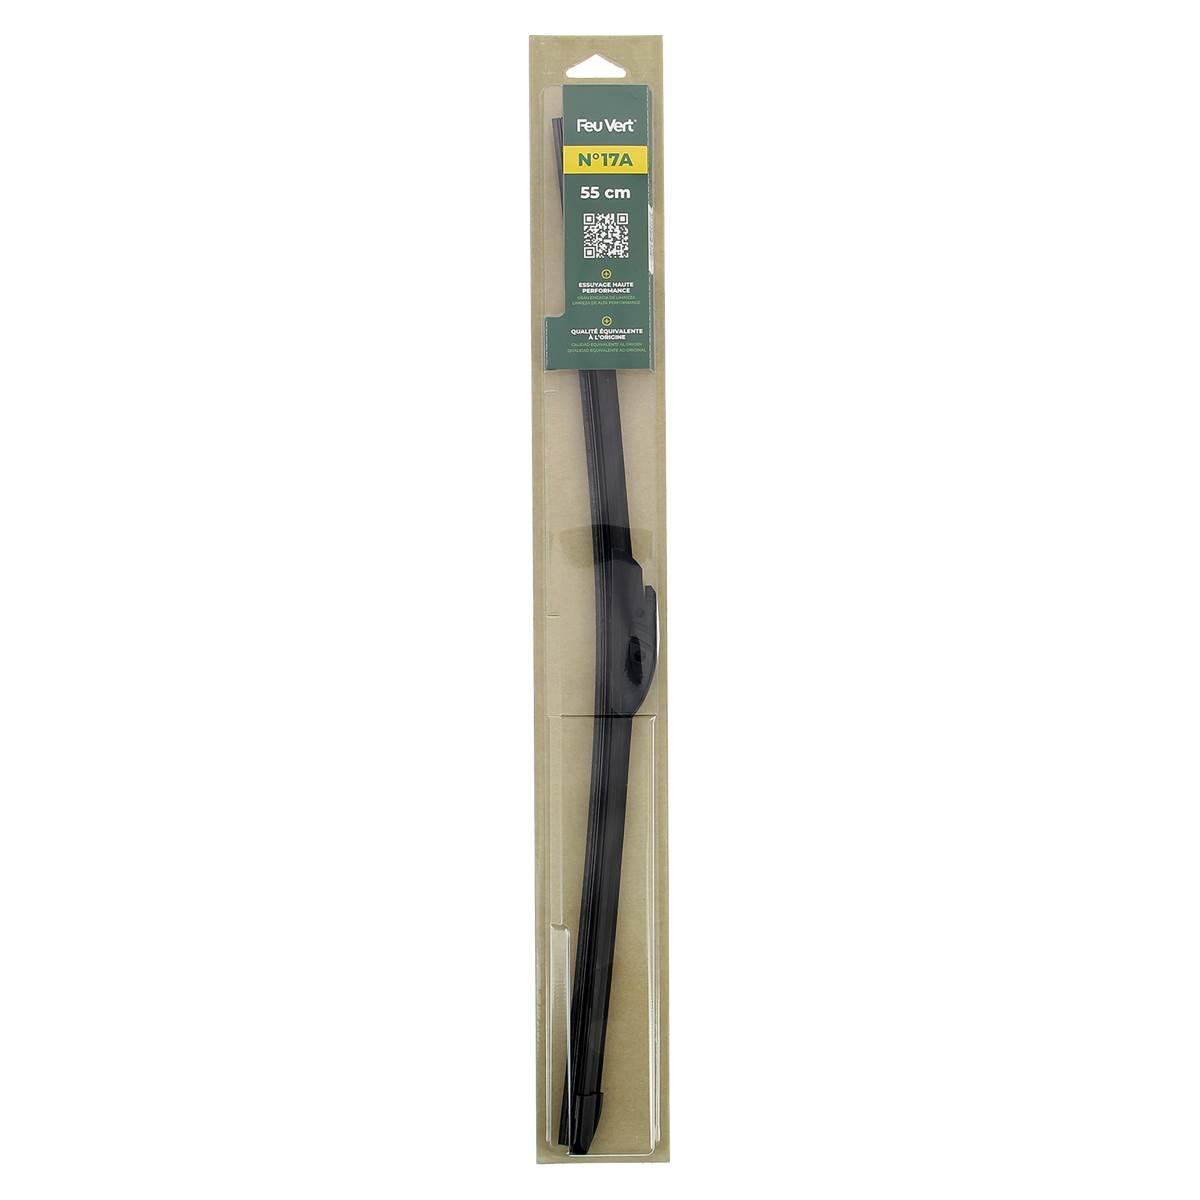 1 balai d'essuie-glace Feu Vert Premium N°17P